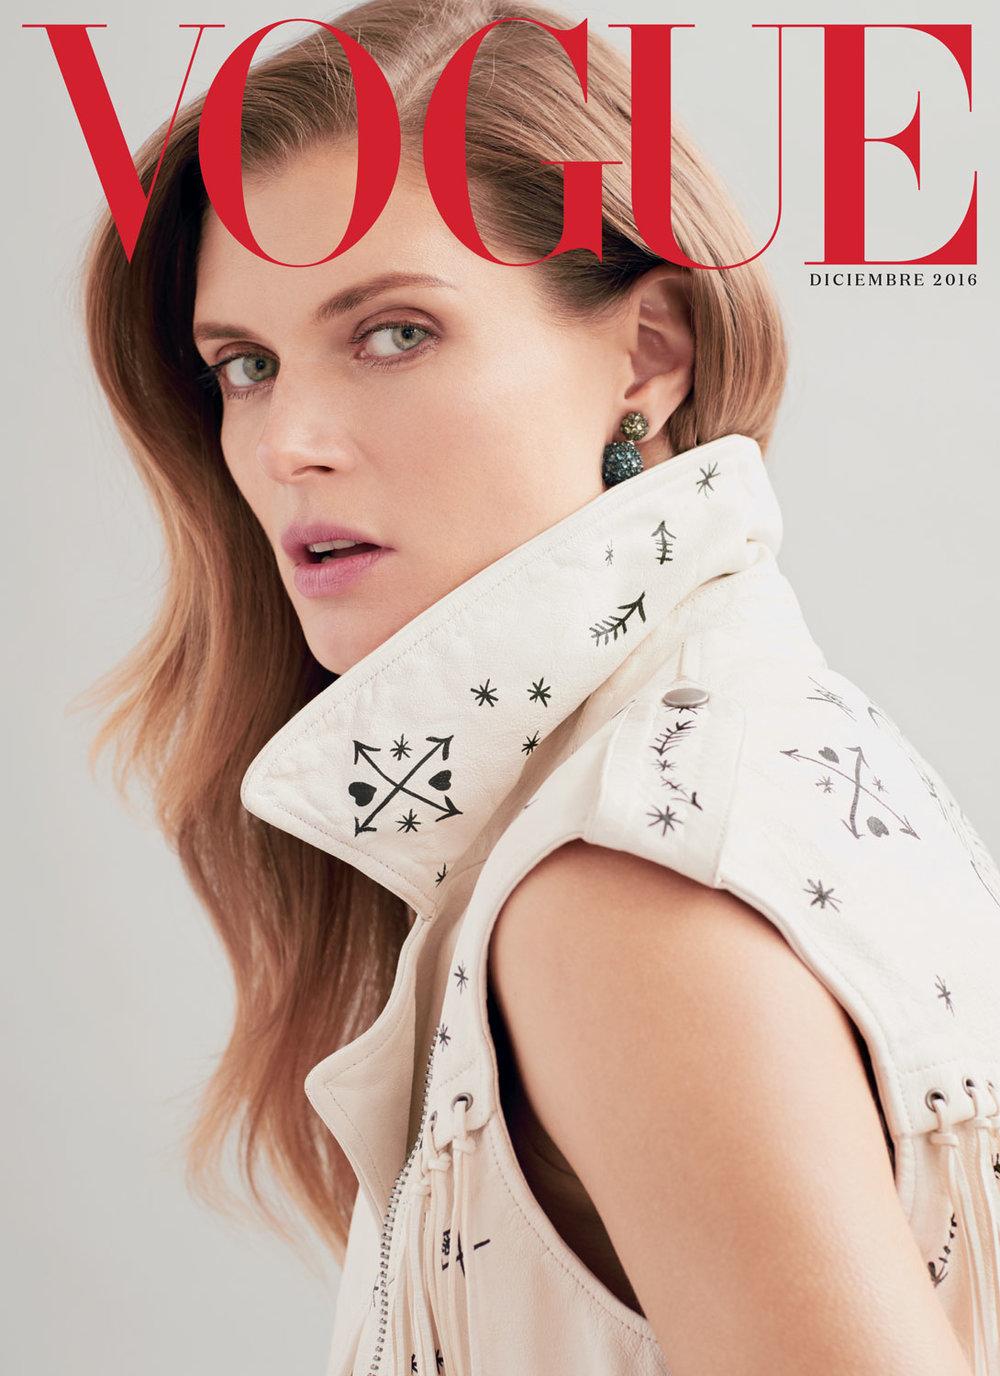 Vogue Mexico Cover